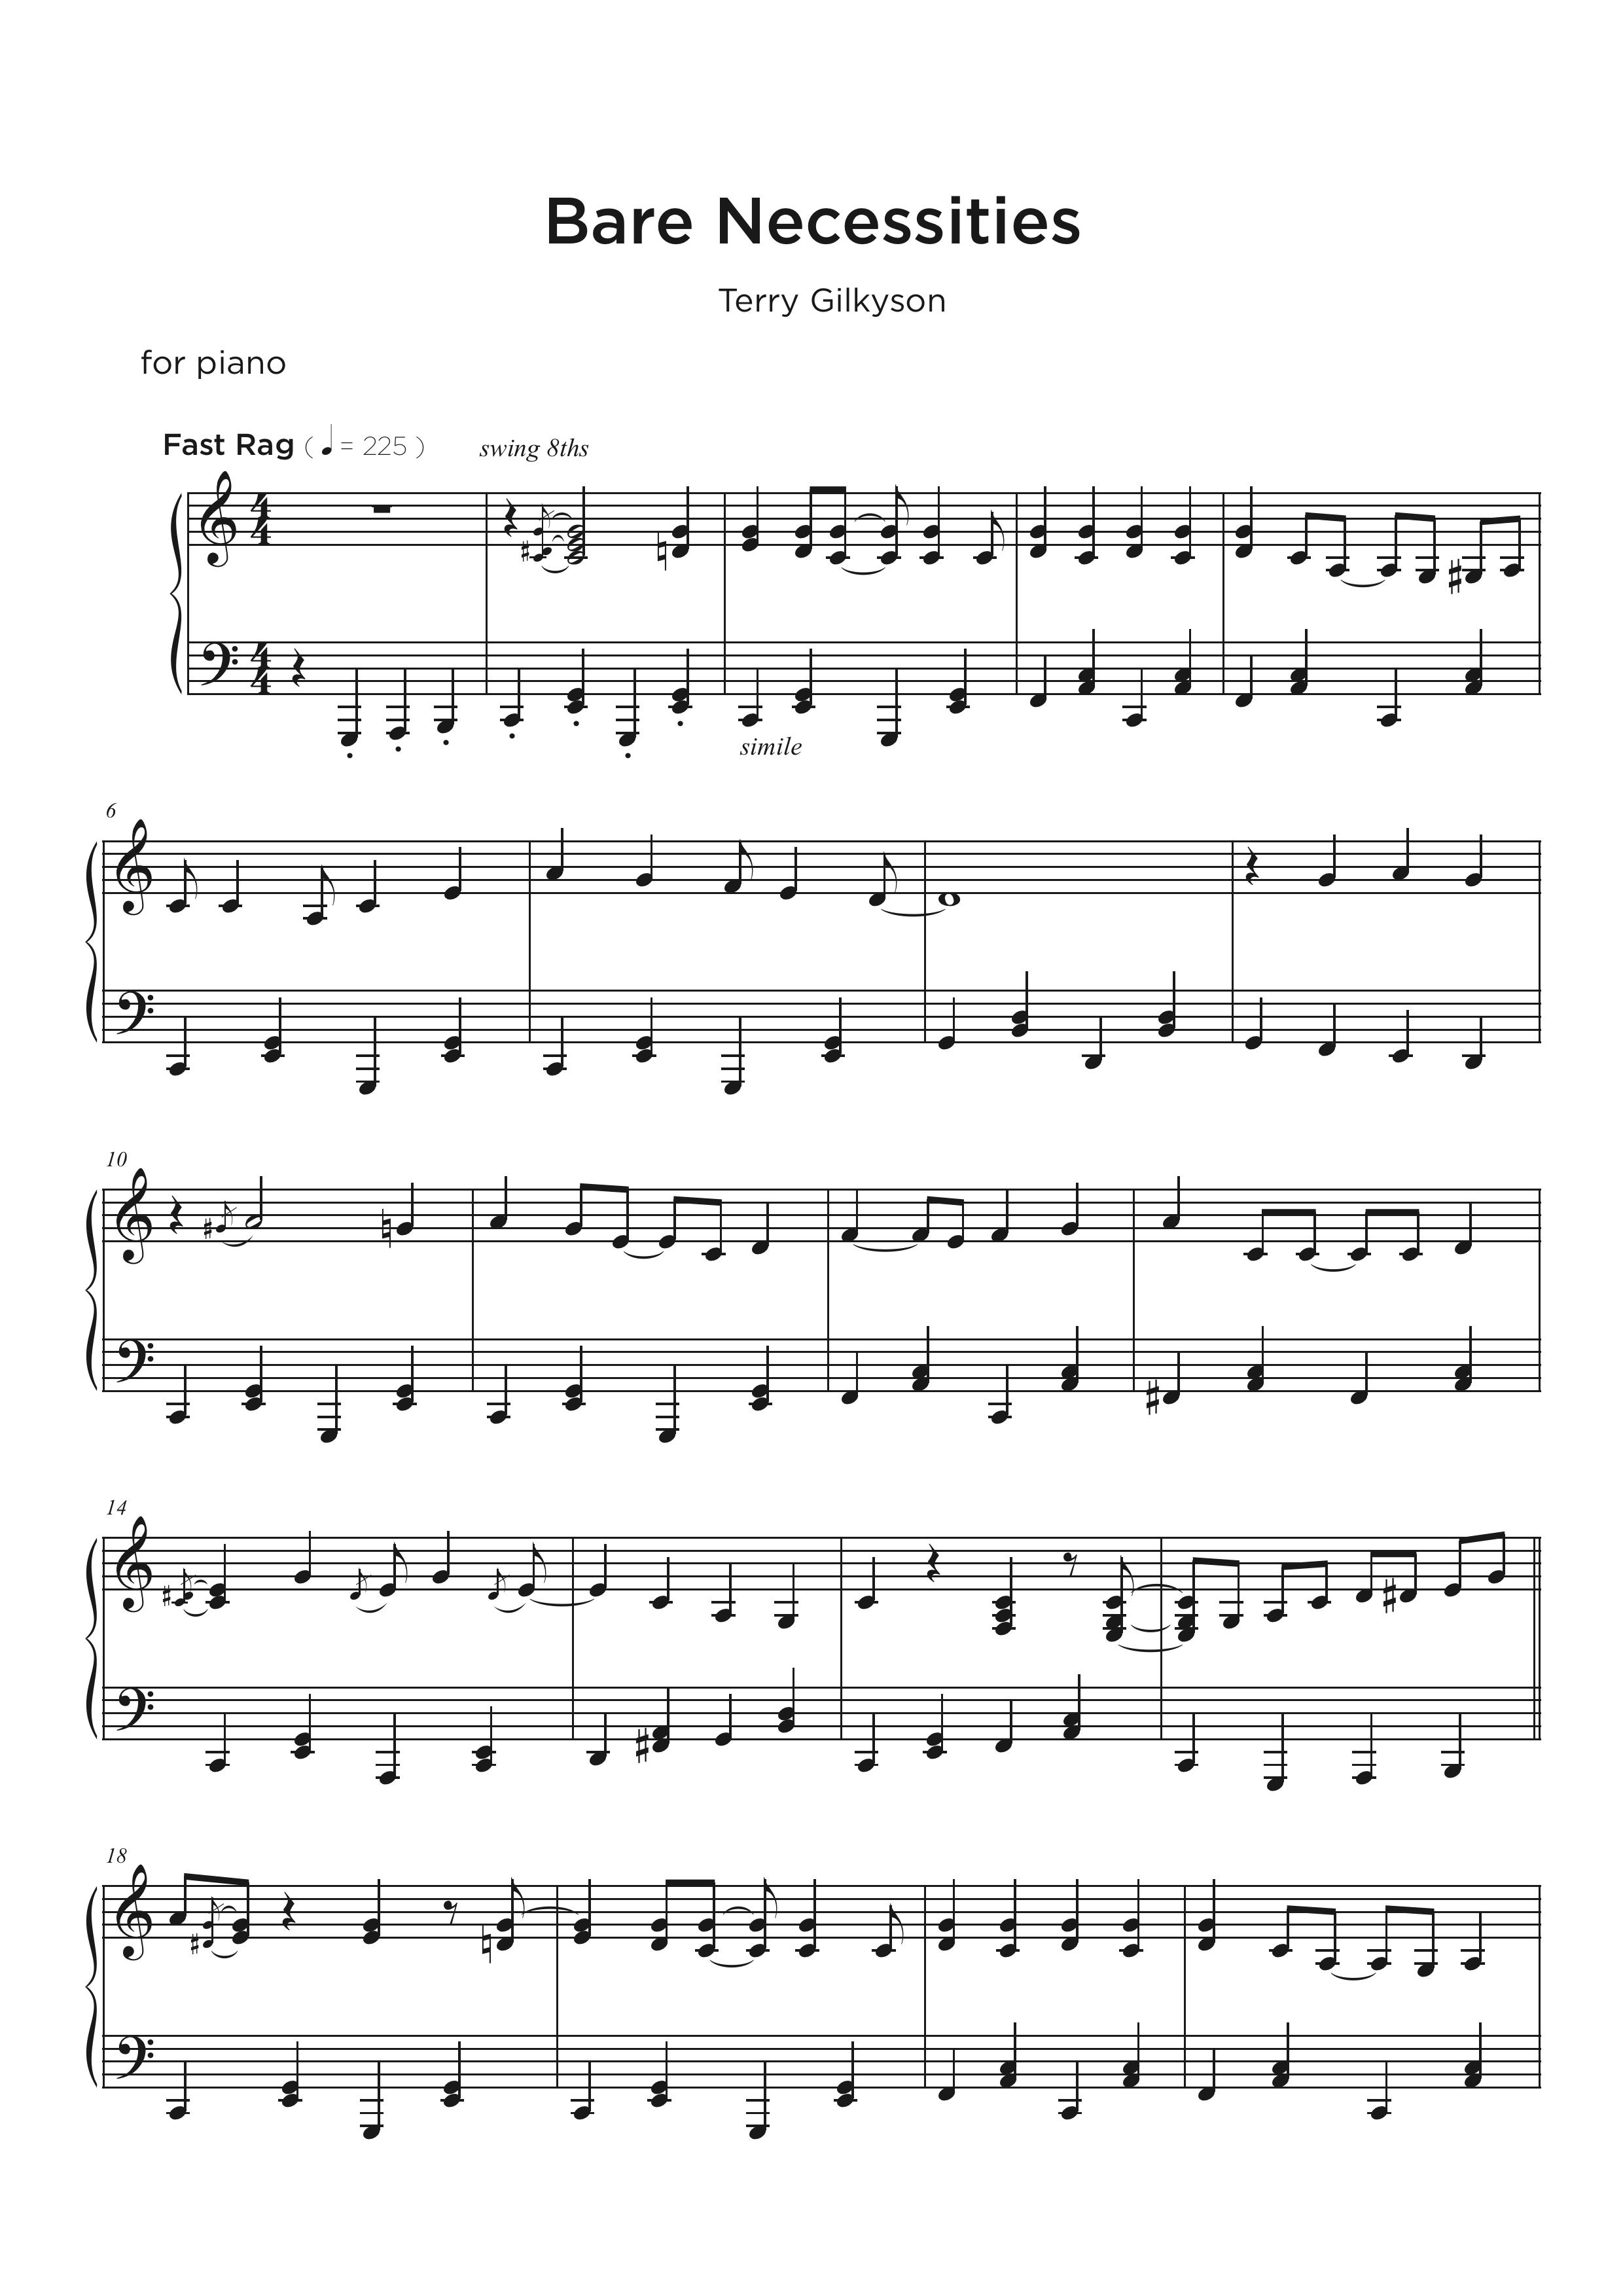 blues piano trancribers